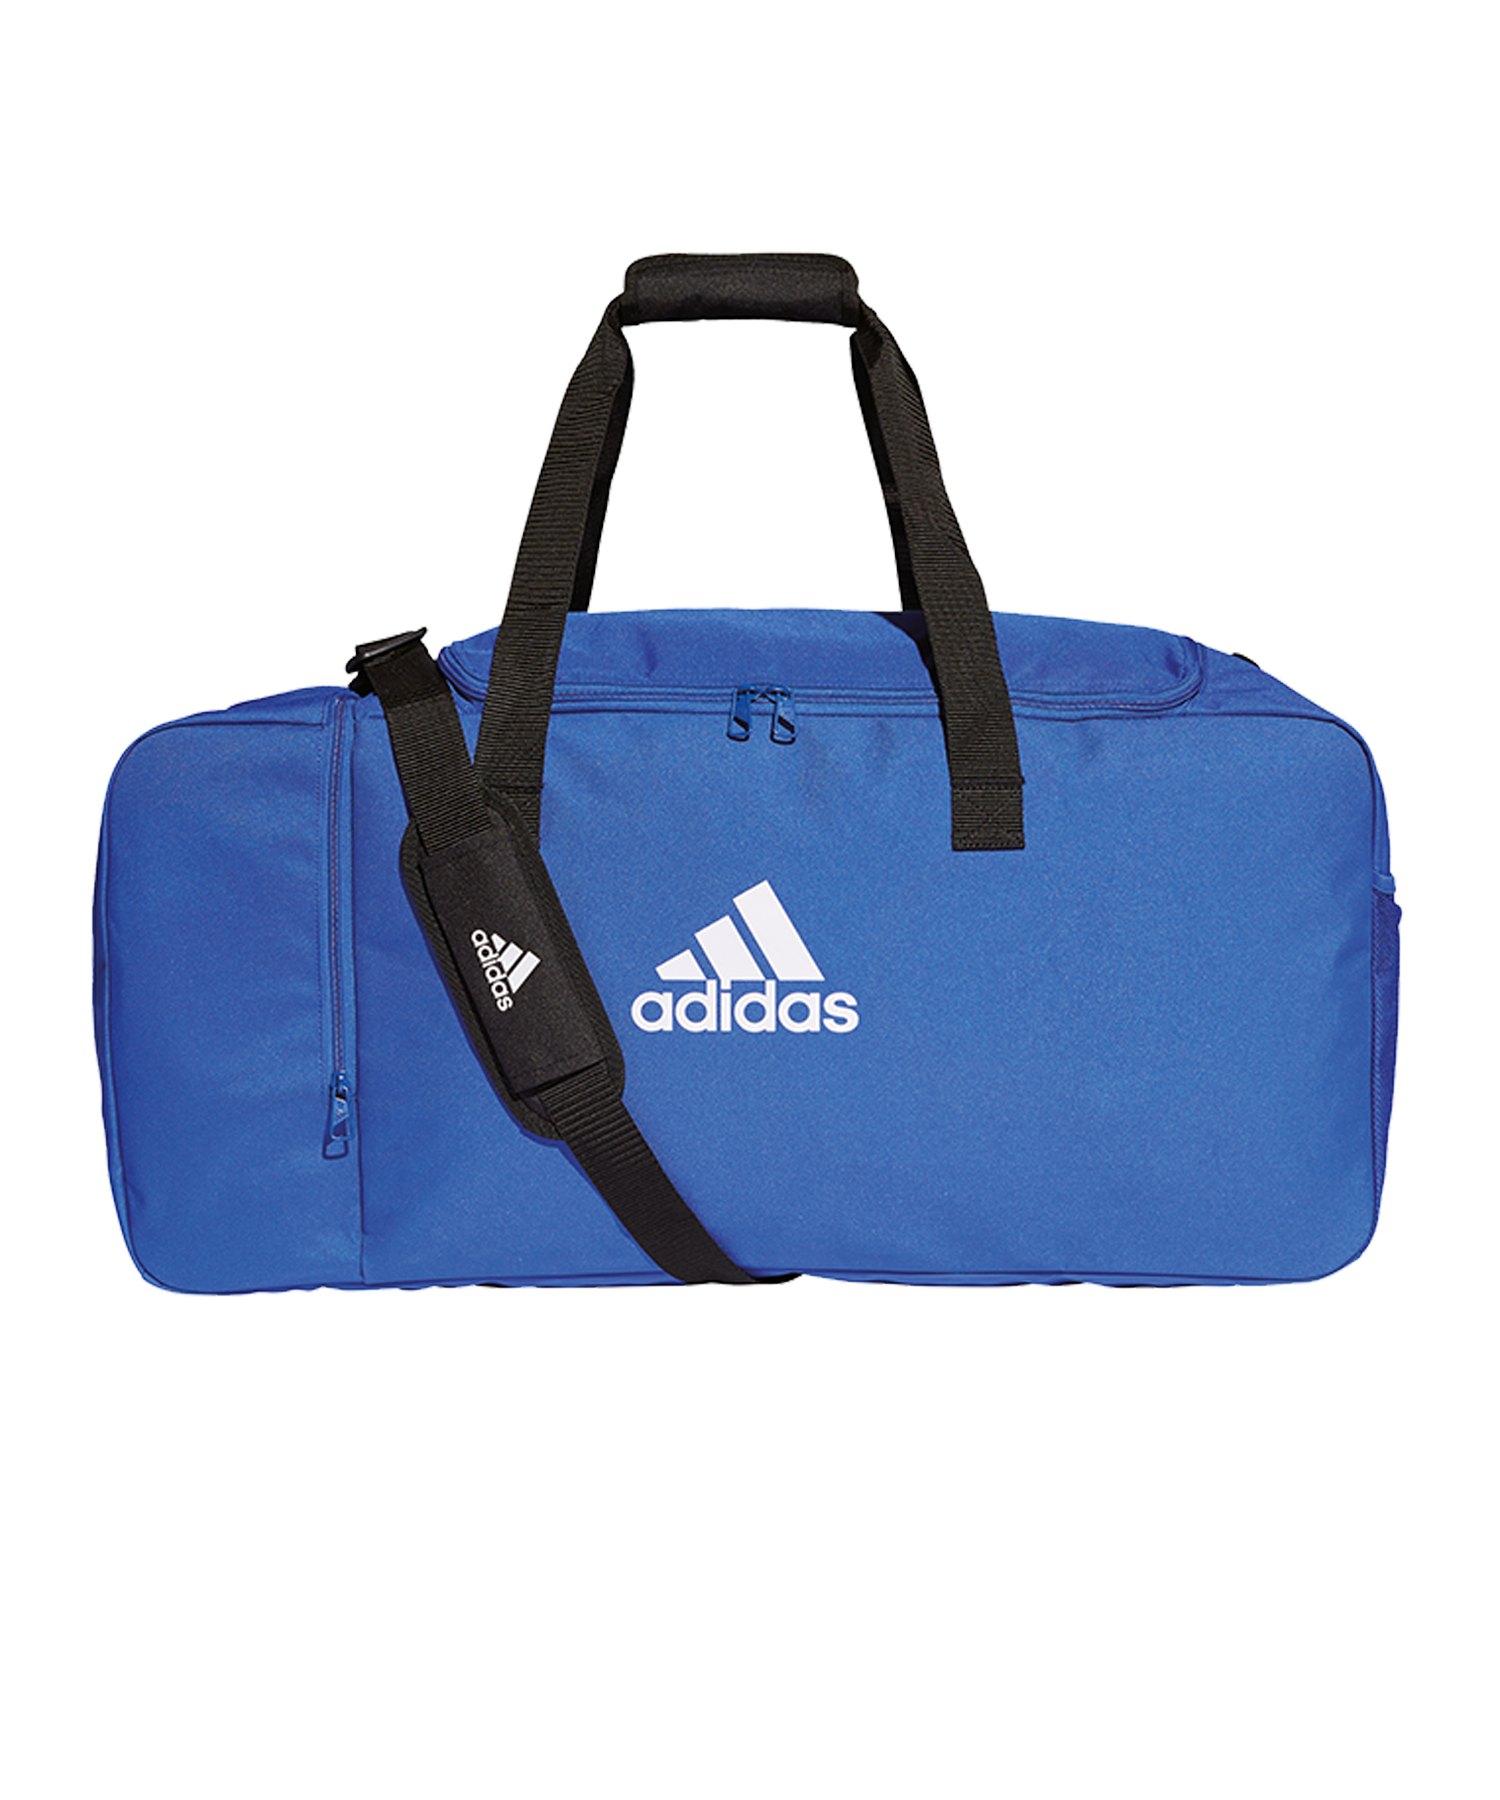 adidas Tiro Duffel Bag Gr. L Blau Weiss - blau